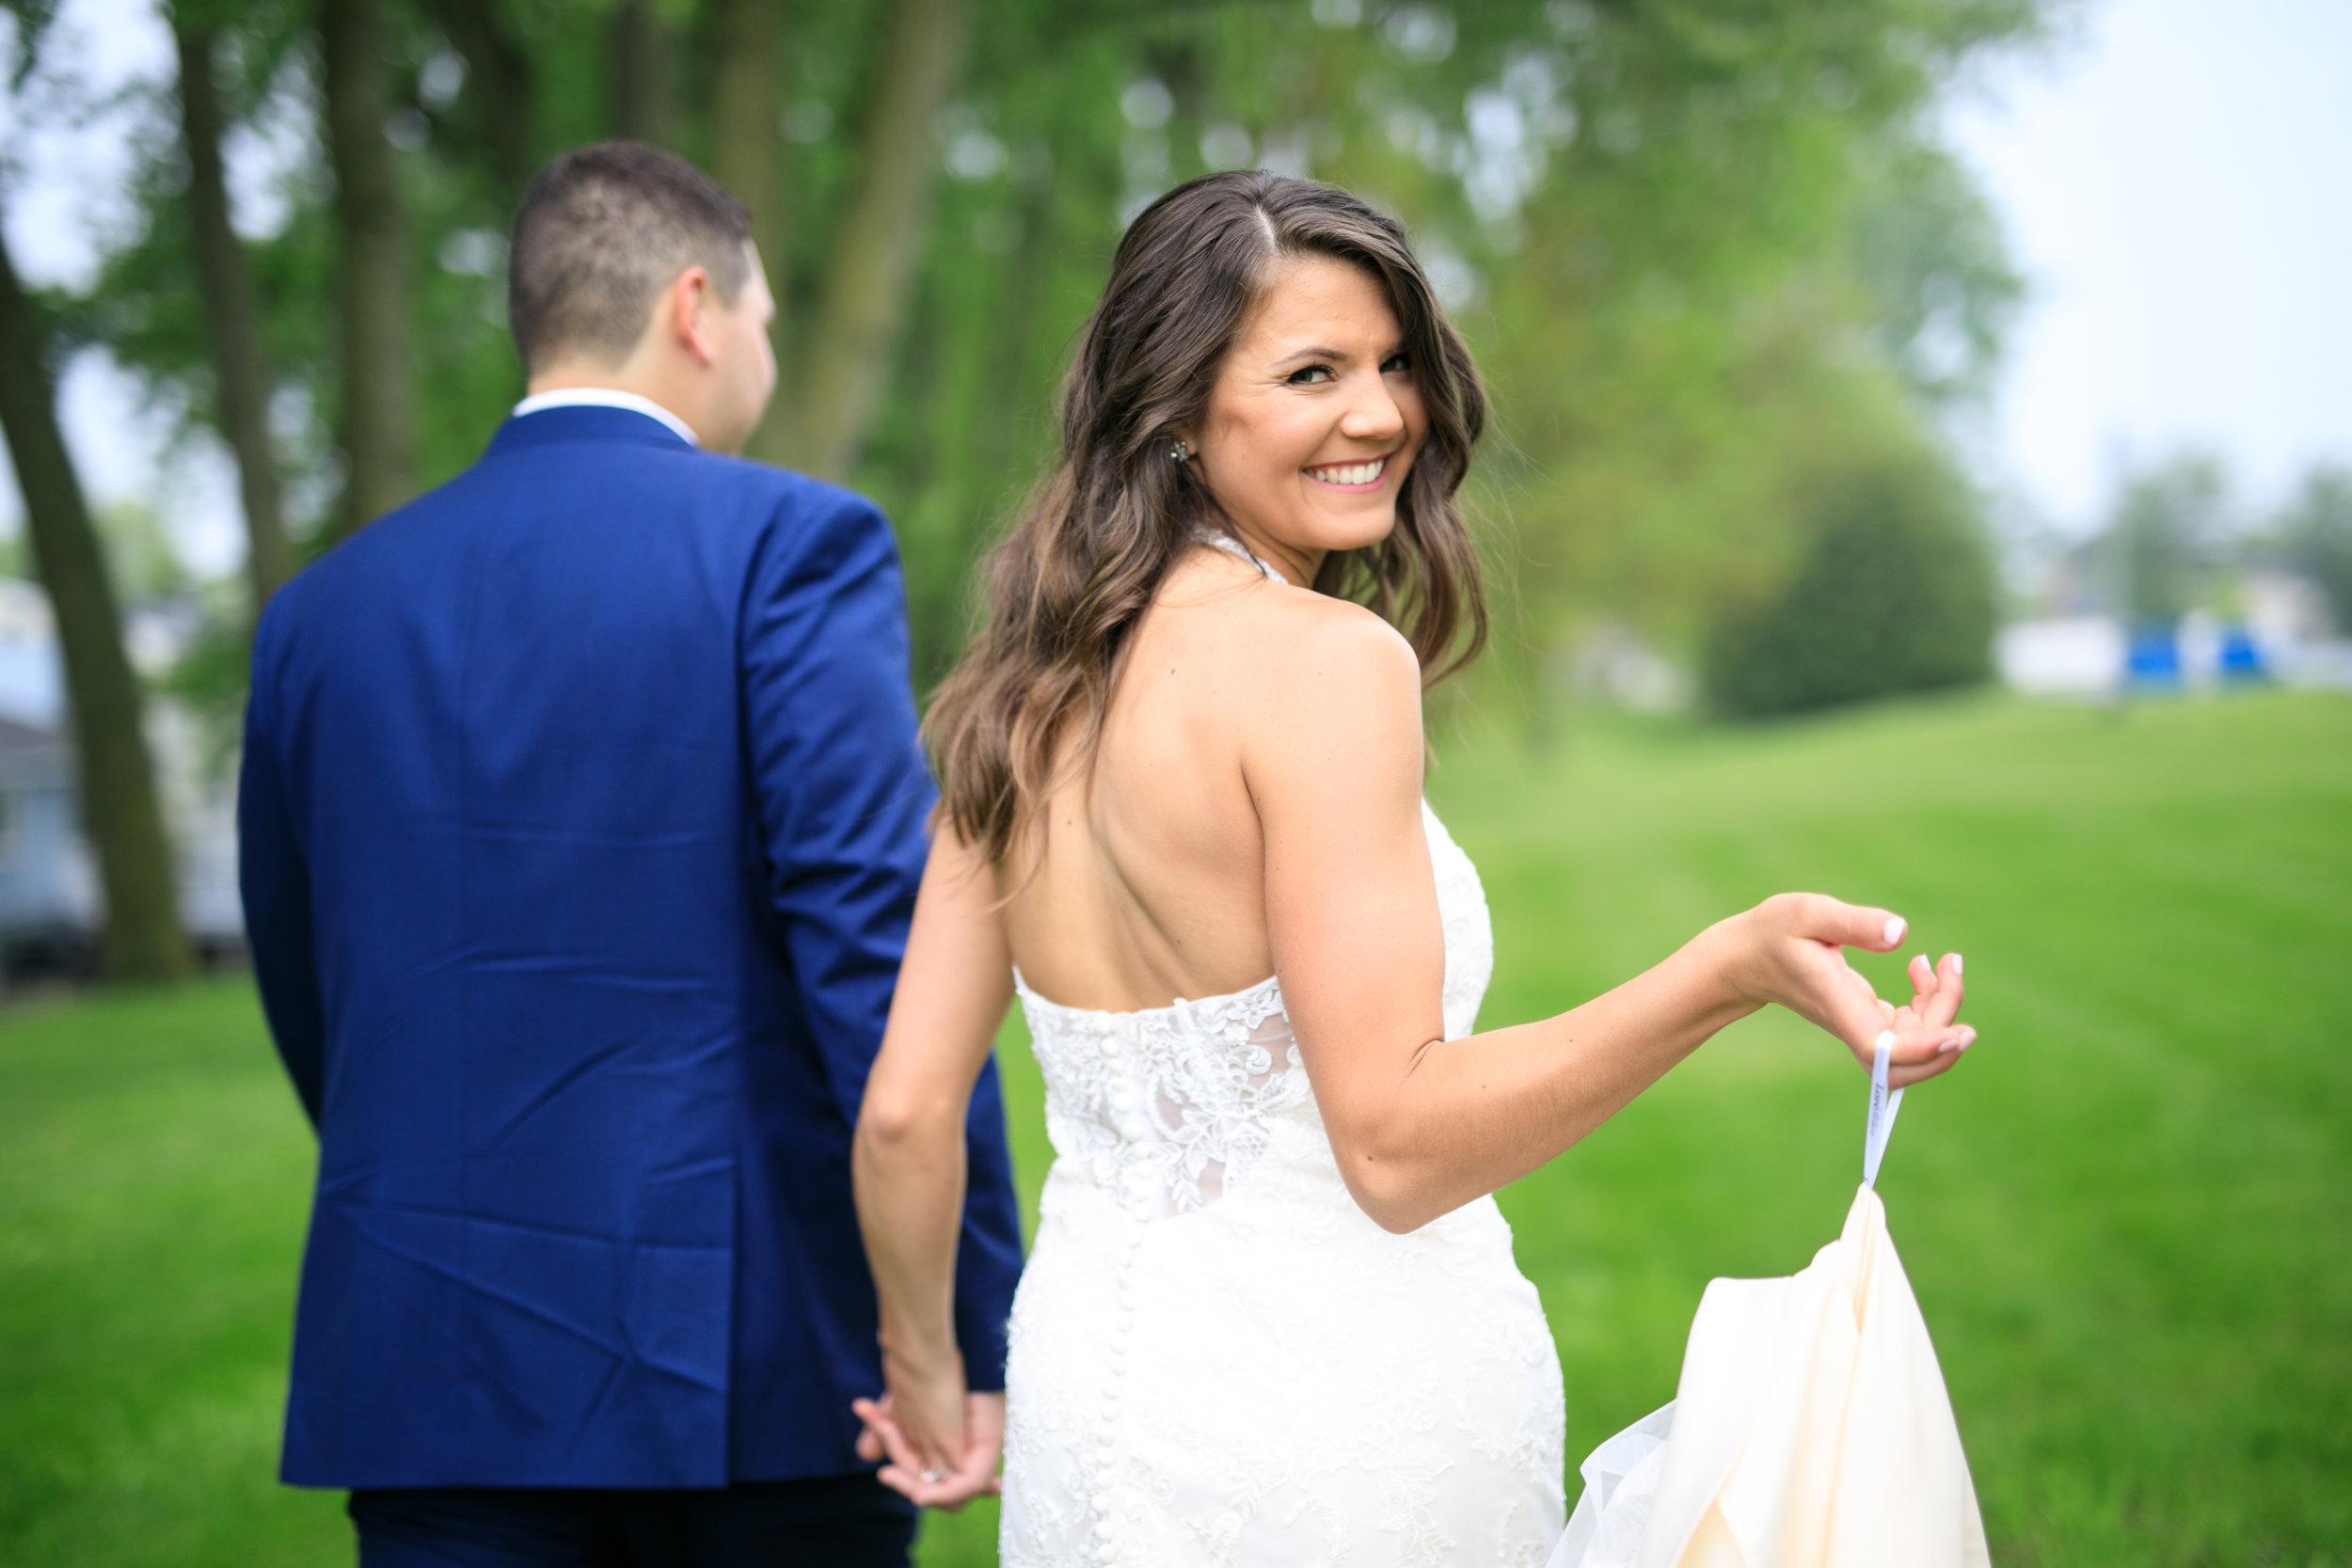 Cute-bride-walking-with-groom-in-quad-cites.jpg